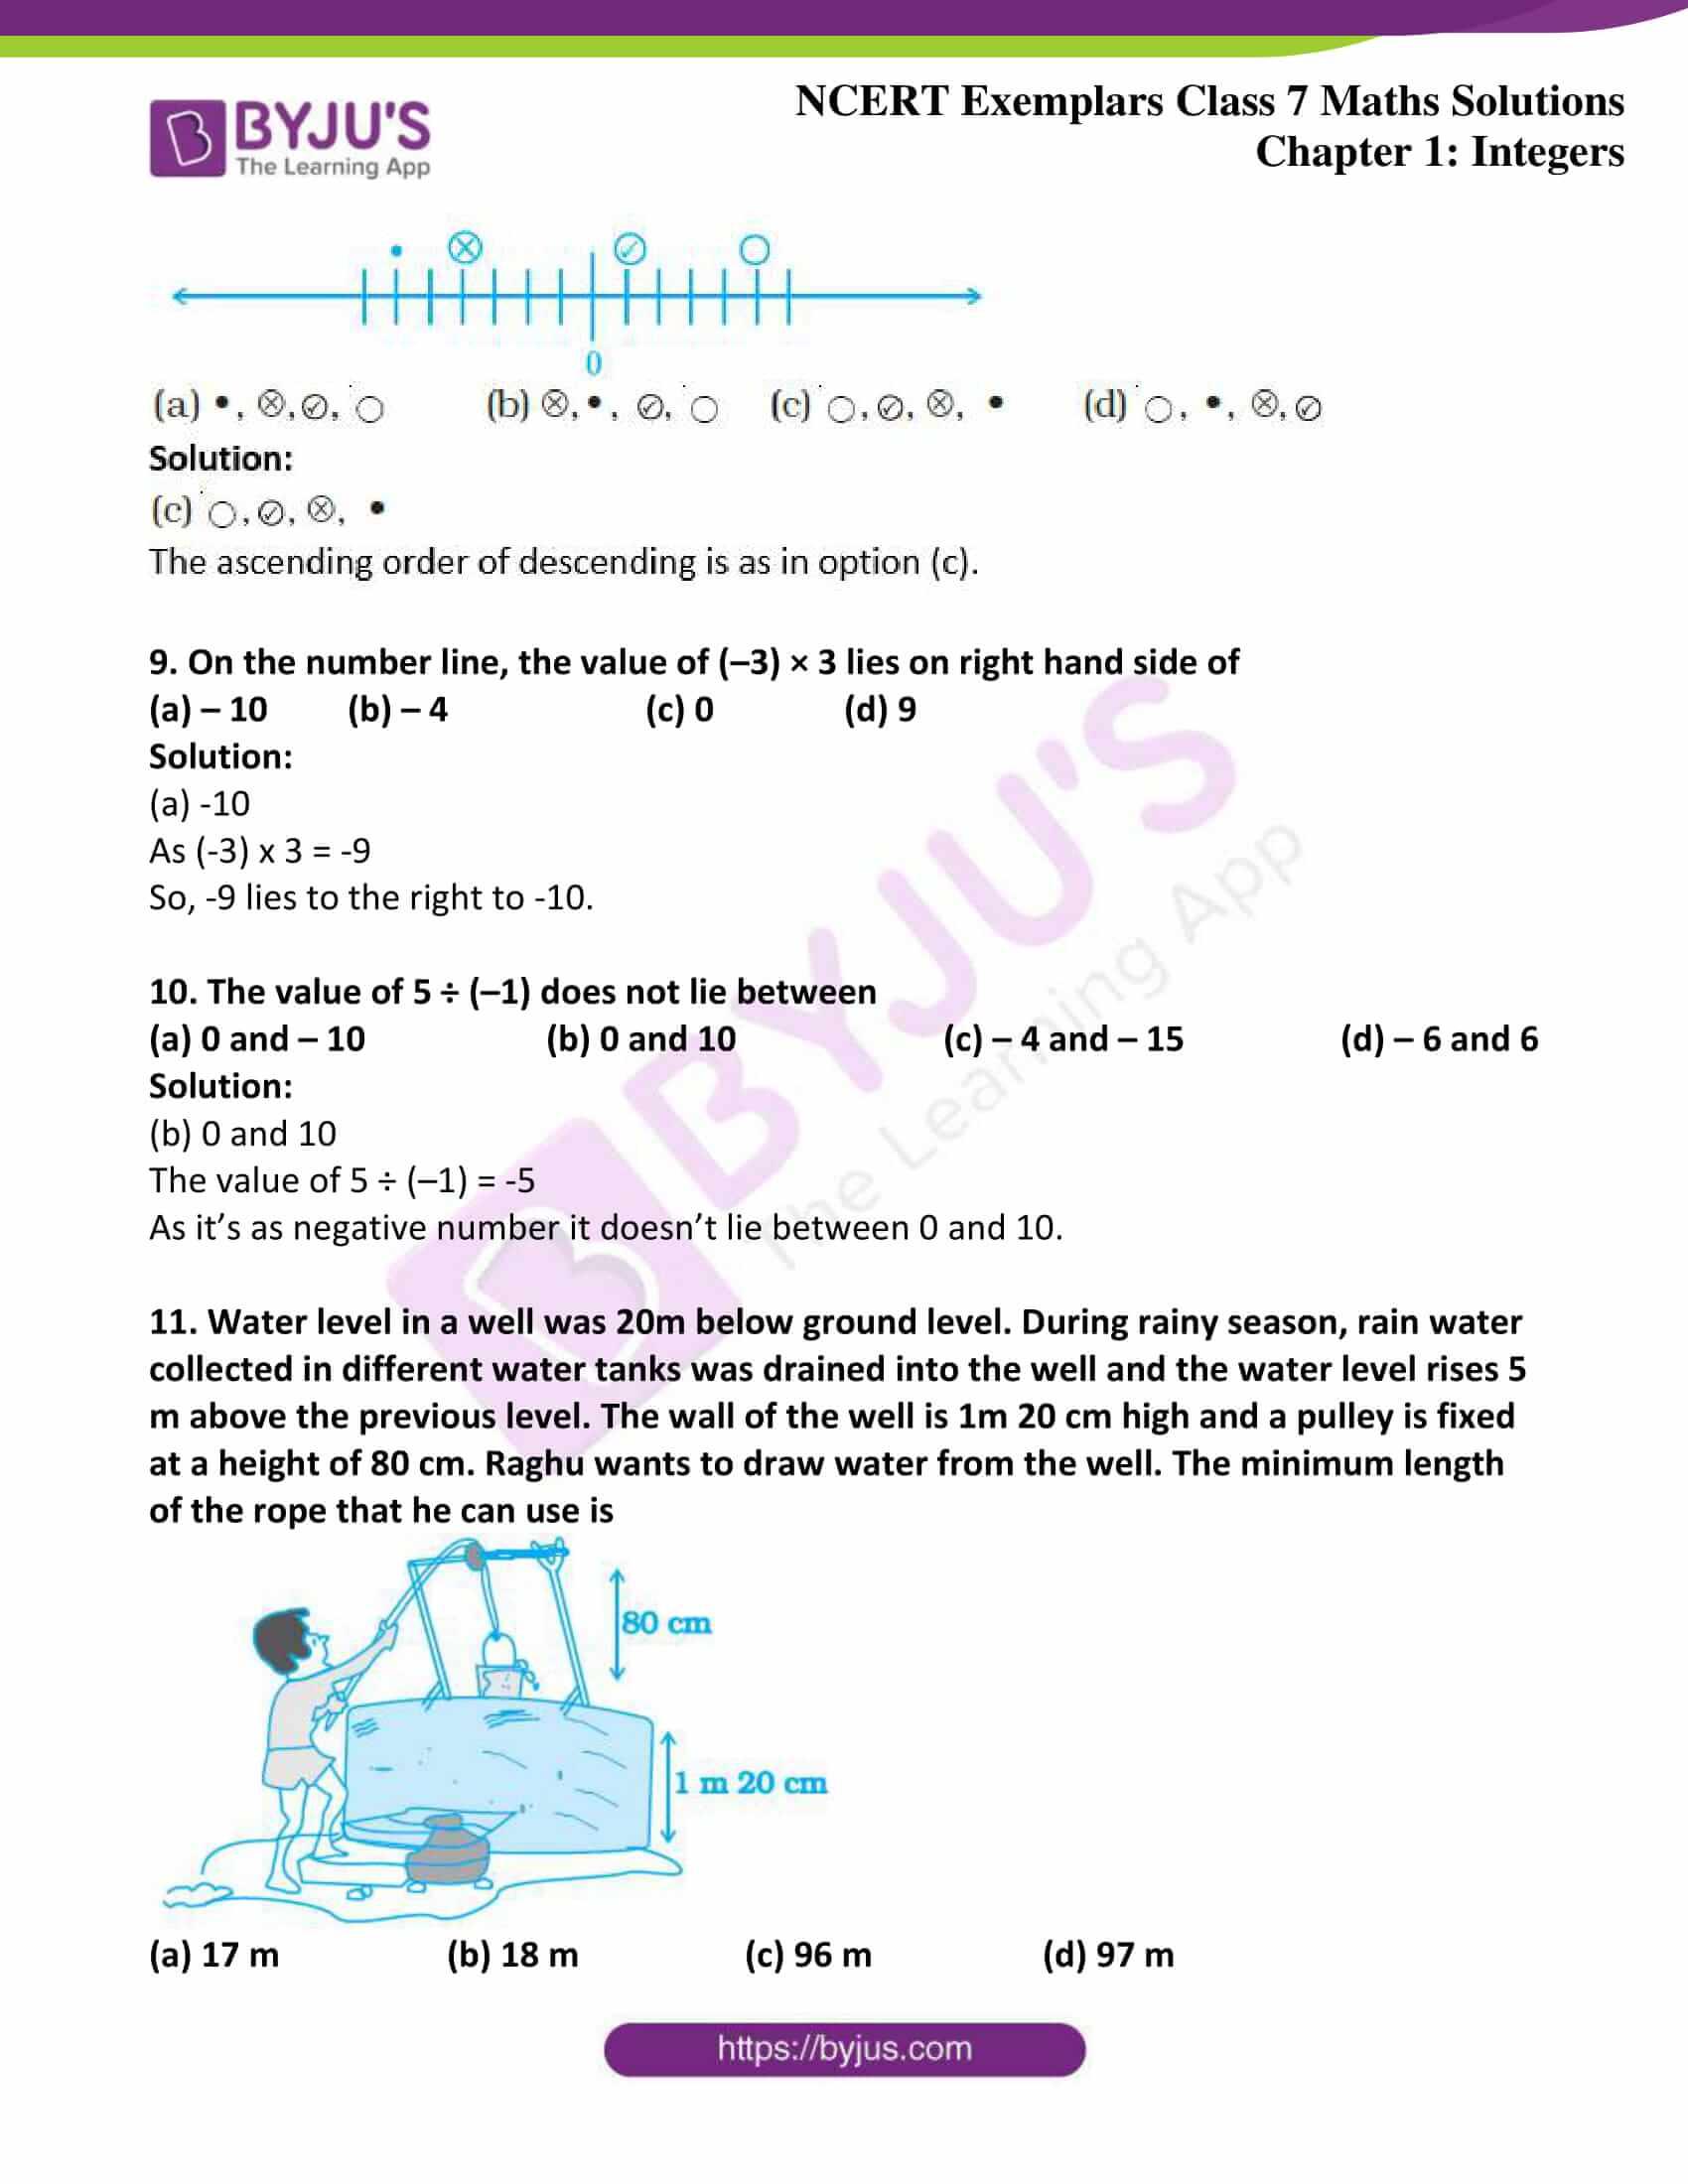 ncert exemplar class 7 maths solutions chapter 1 integers 03